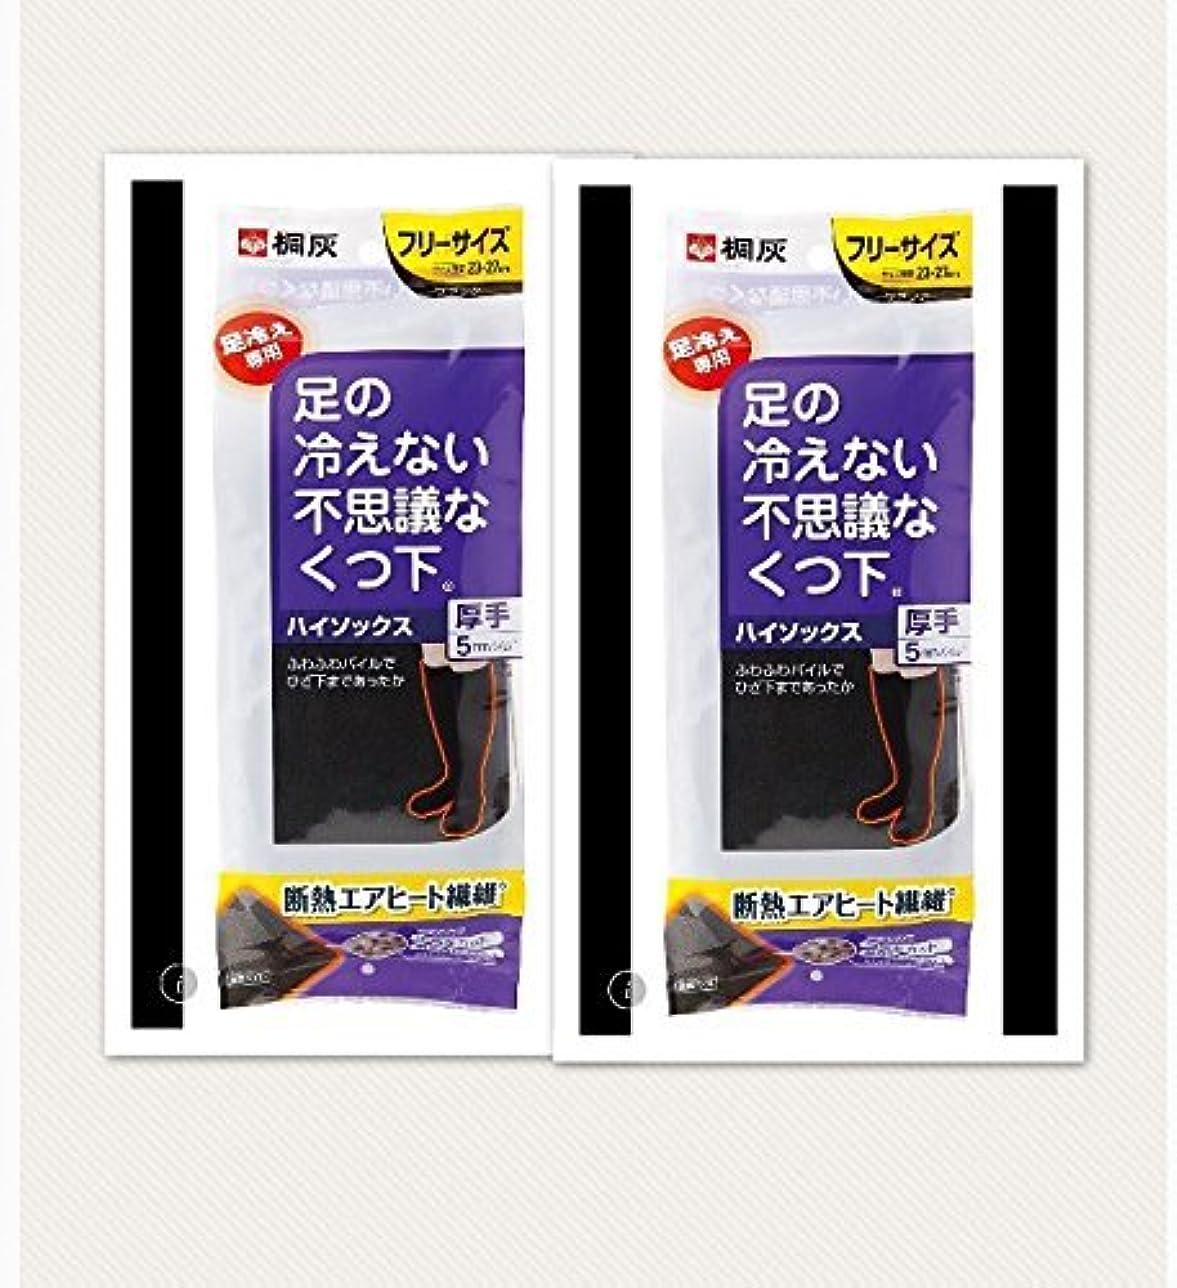 石鹸カプラー任意足の冷えない不思議なくつ下 ハイソックス 厚手 ブラック フリーサイズ×2個